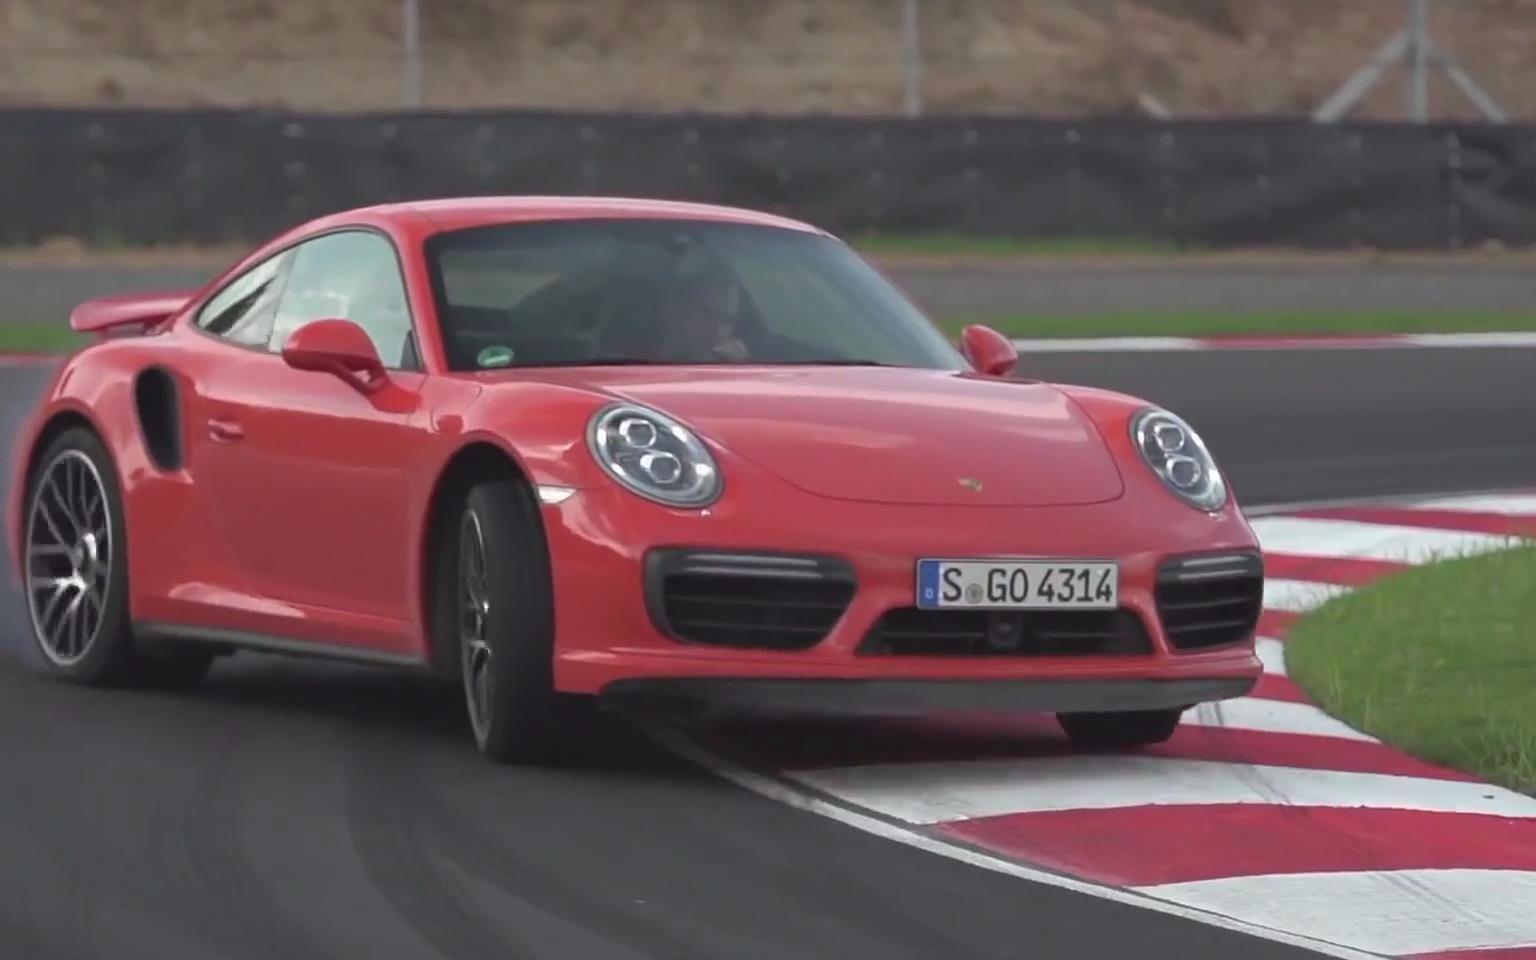 【海外试驾】保时捷911 turbo s 赛道试驾